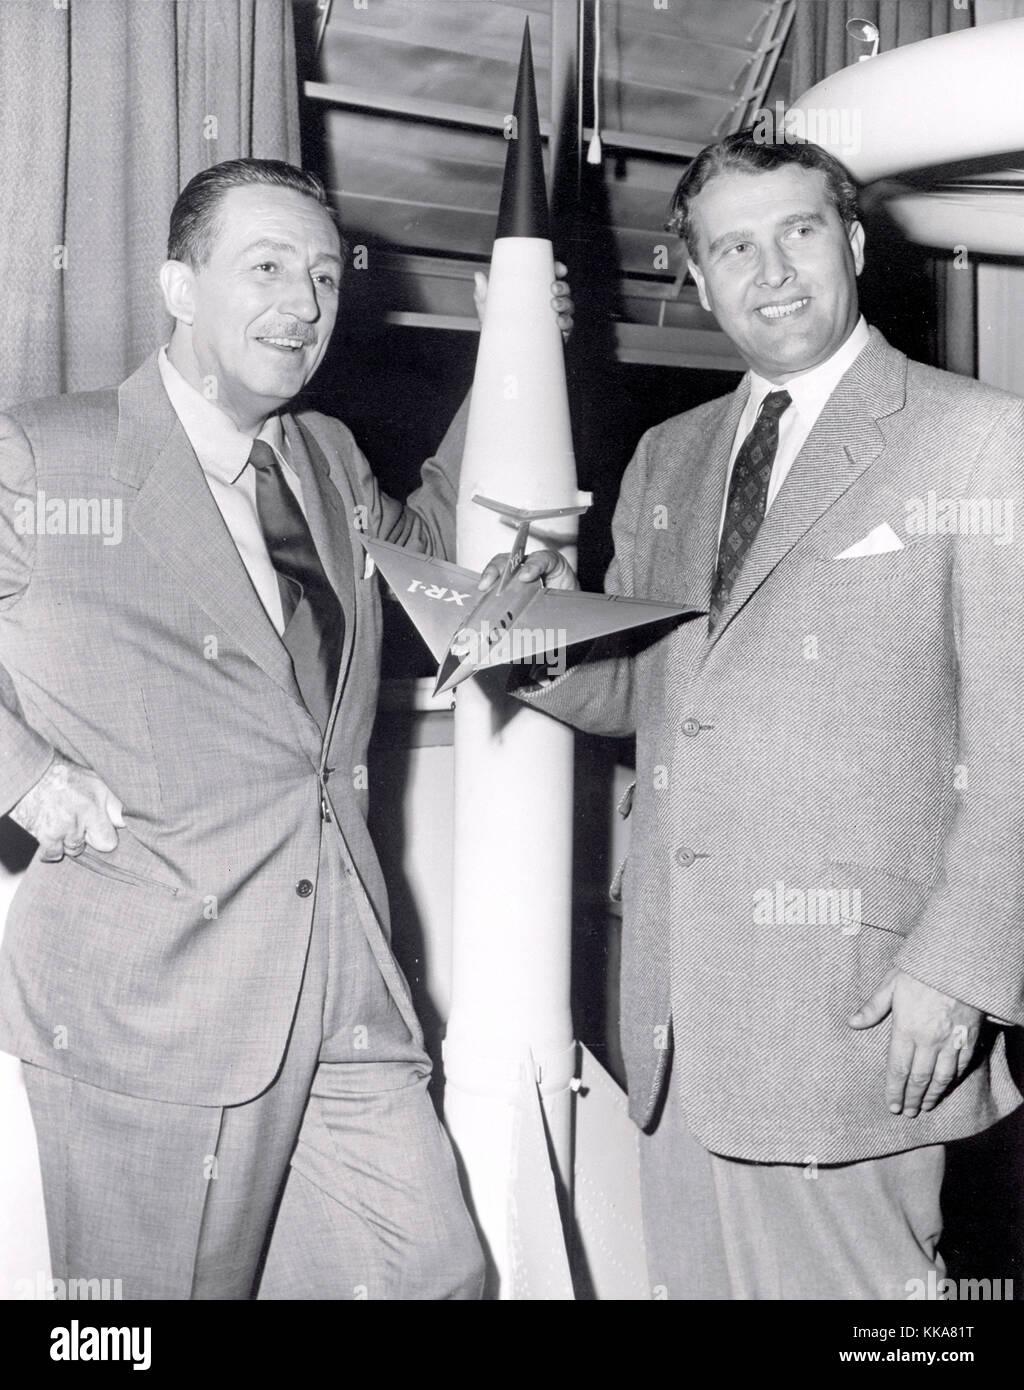 Walt Disney, left and von Braun. Wernher Magnus Maximilian Freiherr von Braun, Dr. Wernher von Braun, German, later - Stock Image